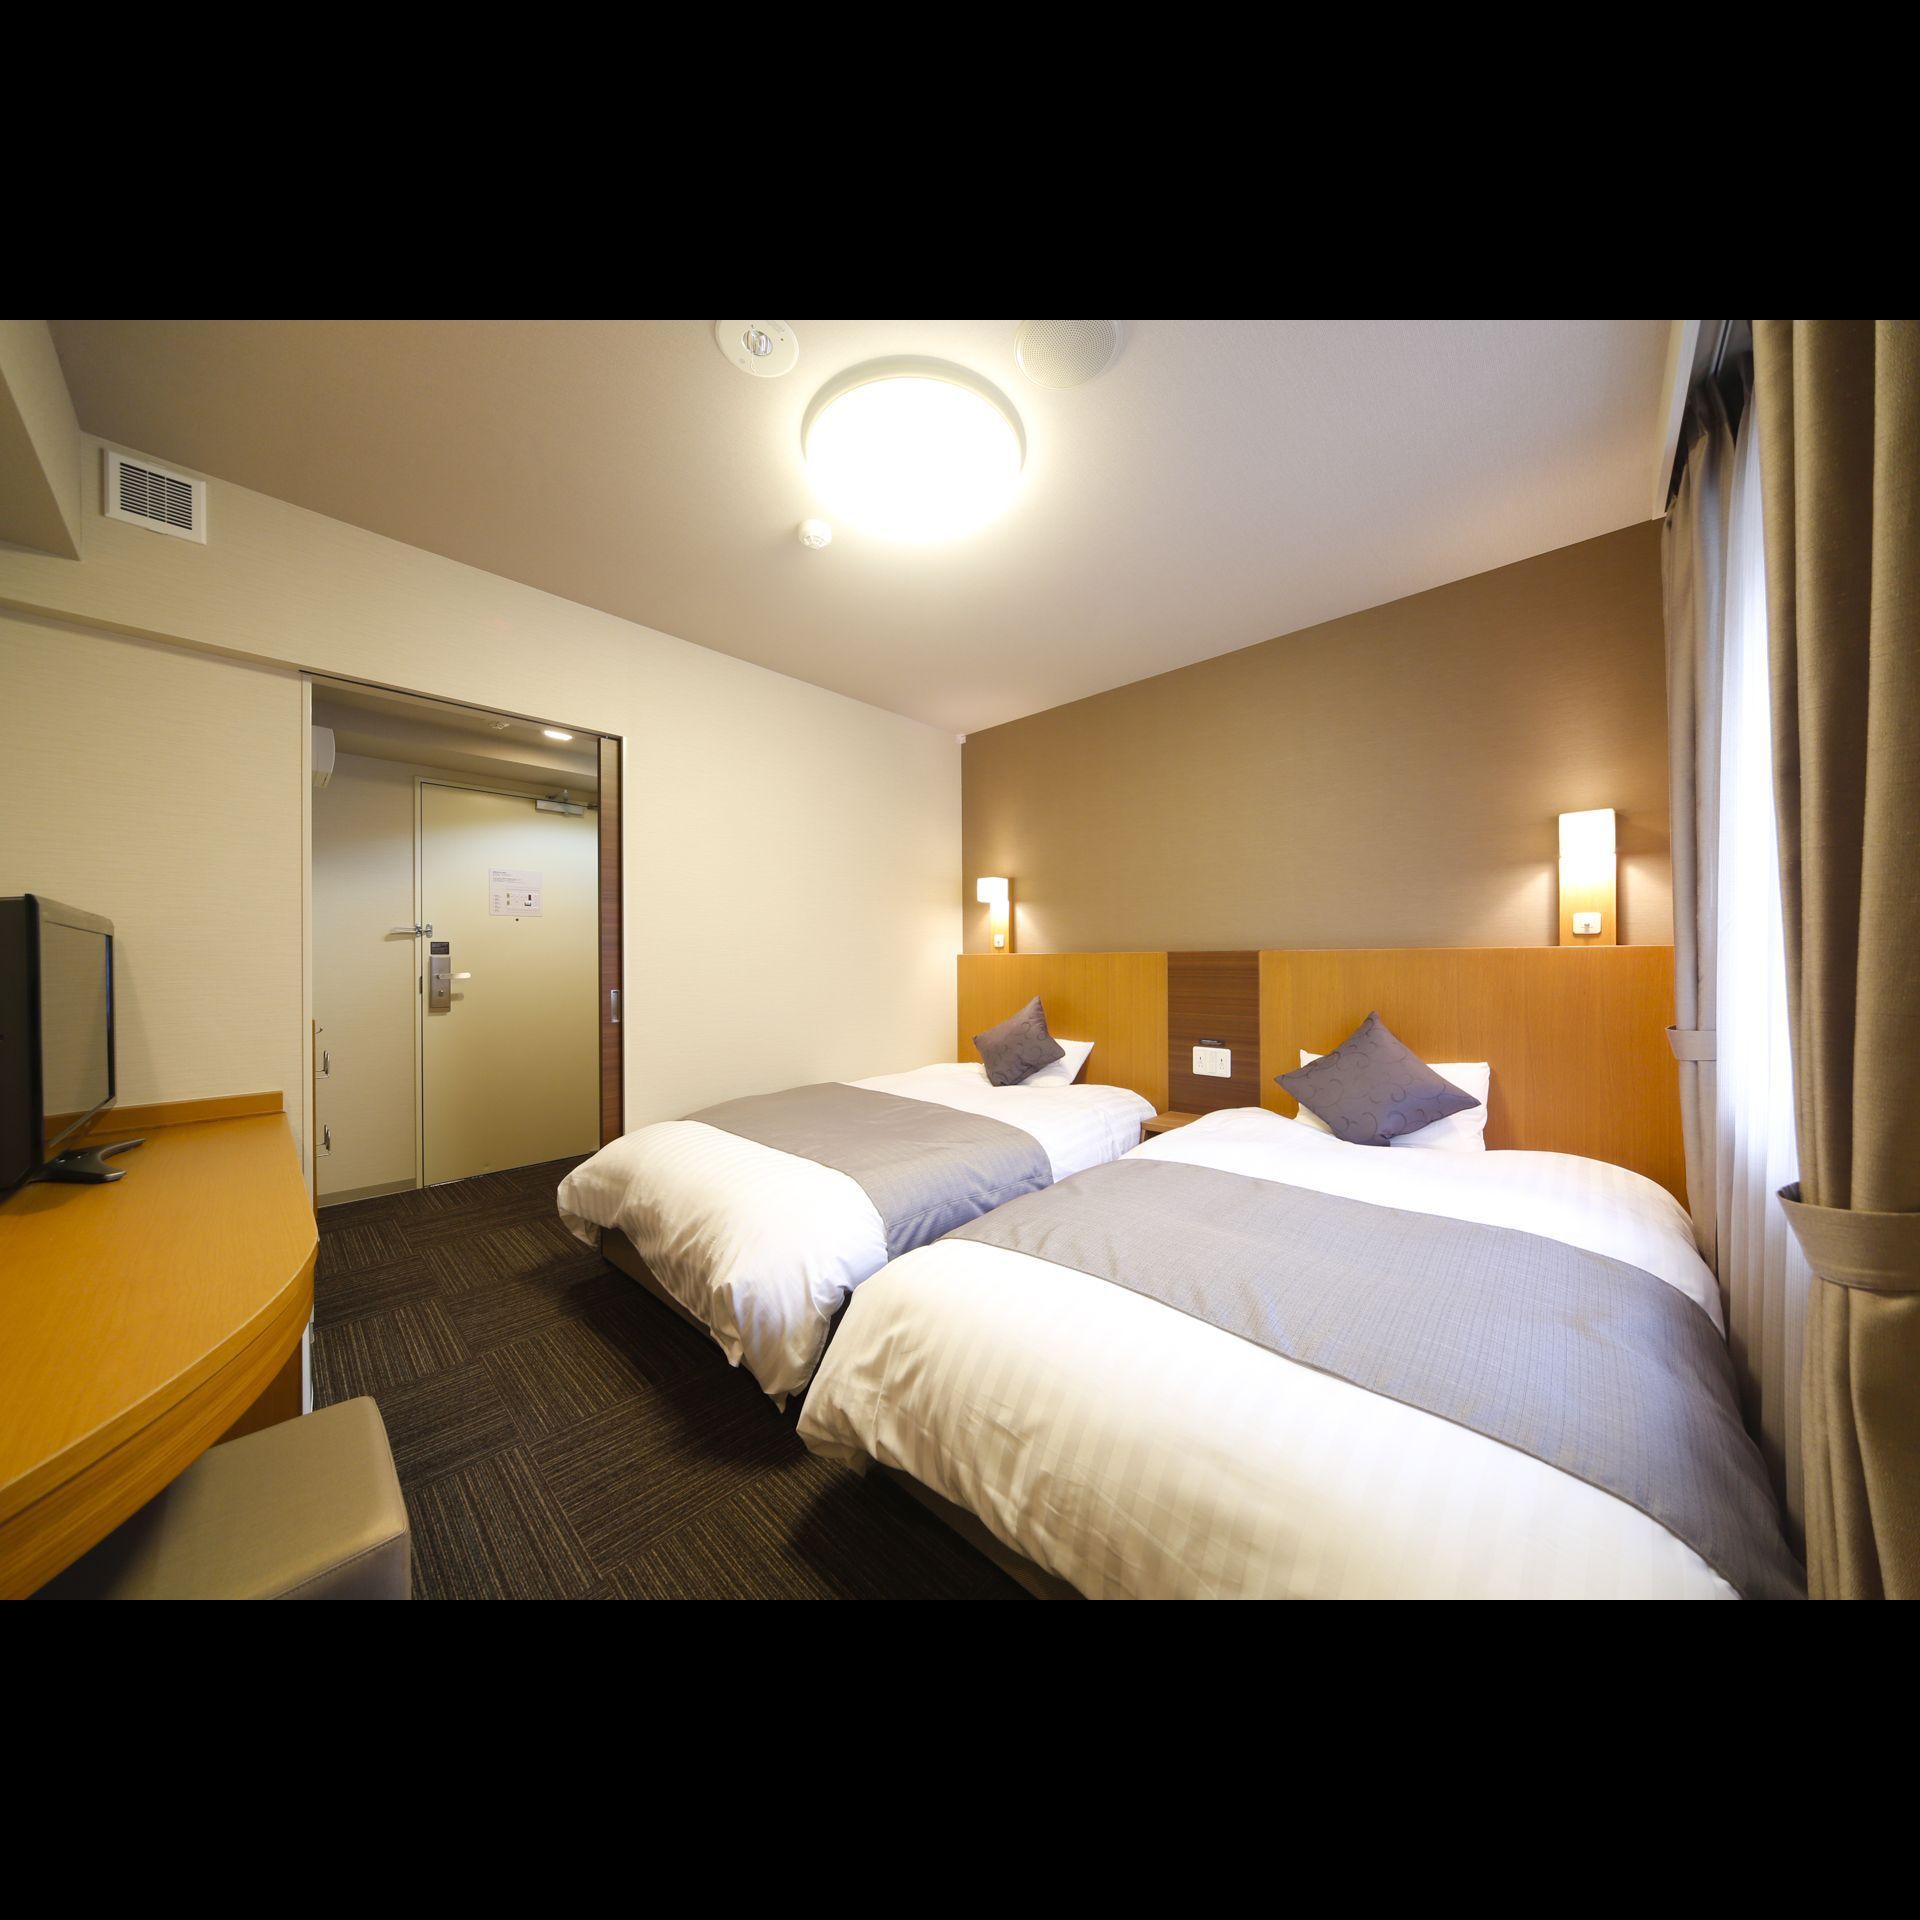 ツインルーム■18平米 ■ベッドサイズ1,2001,9502台